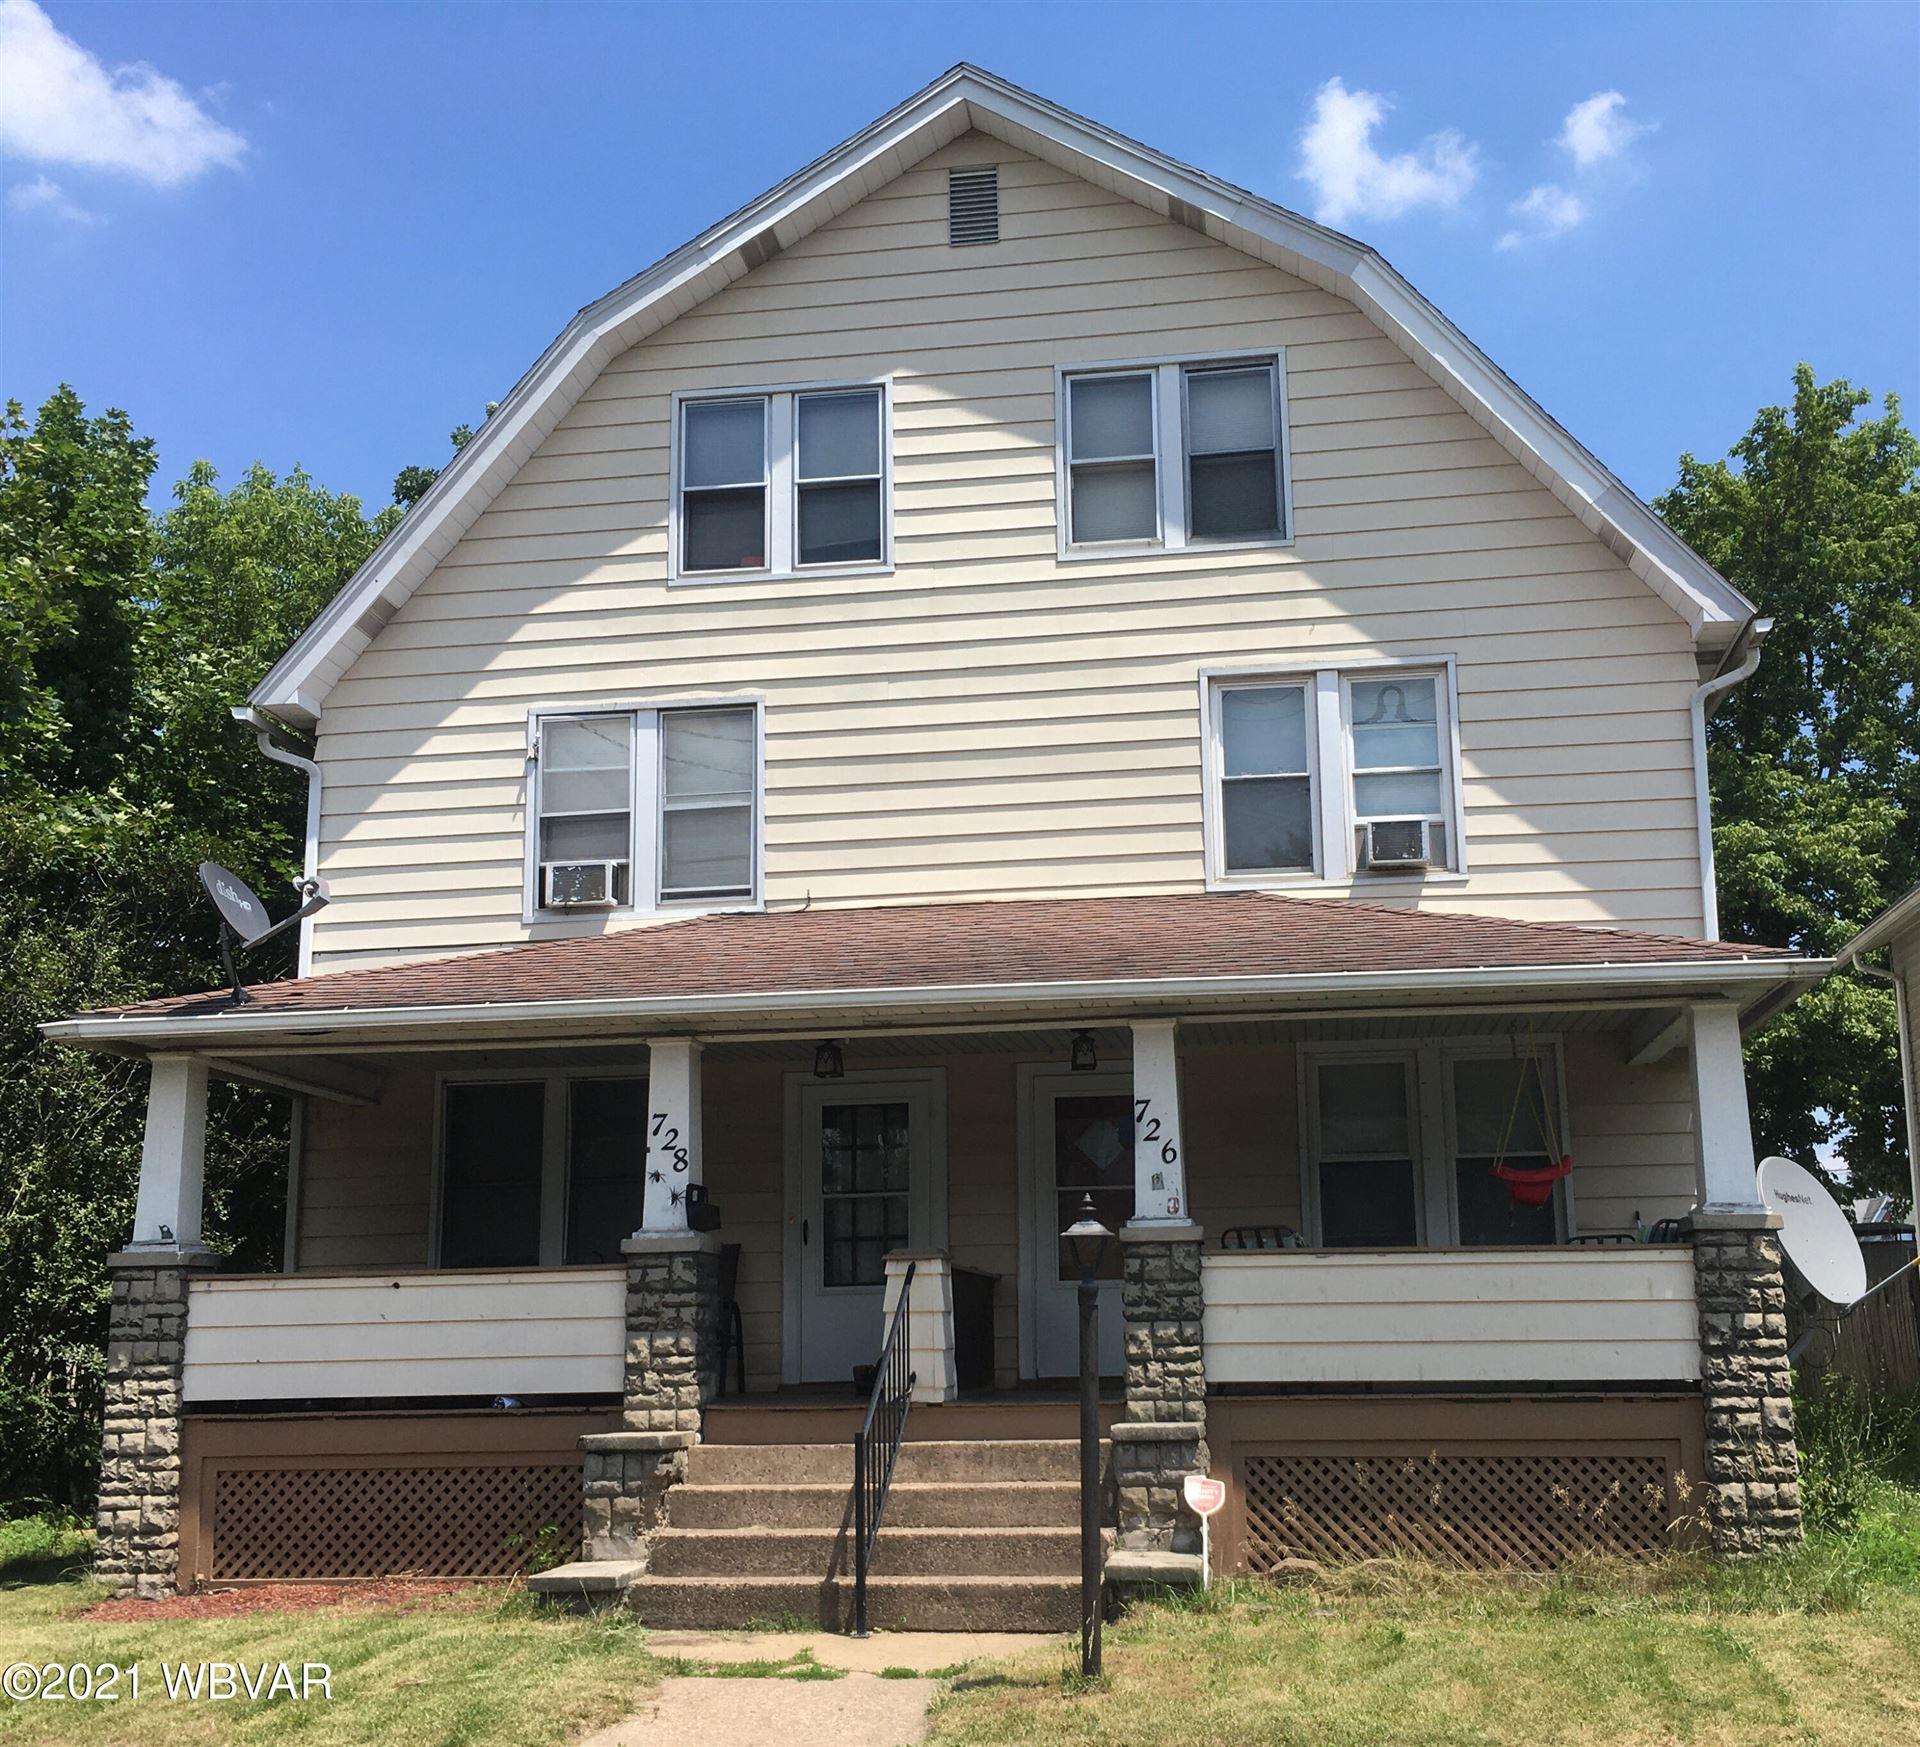 726-728 POPLAR STREET, Williamsport, PA 17701 - #: WB-92919